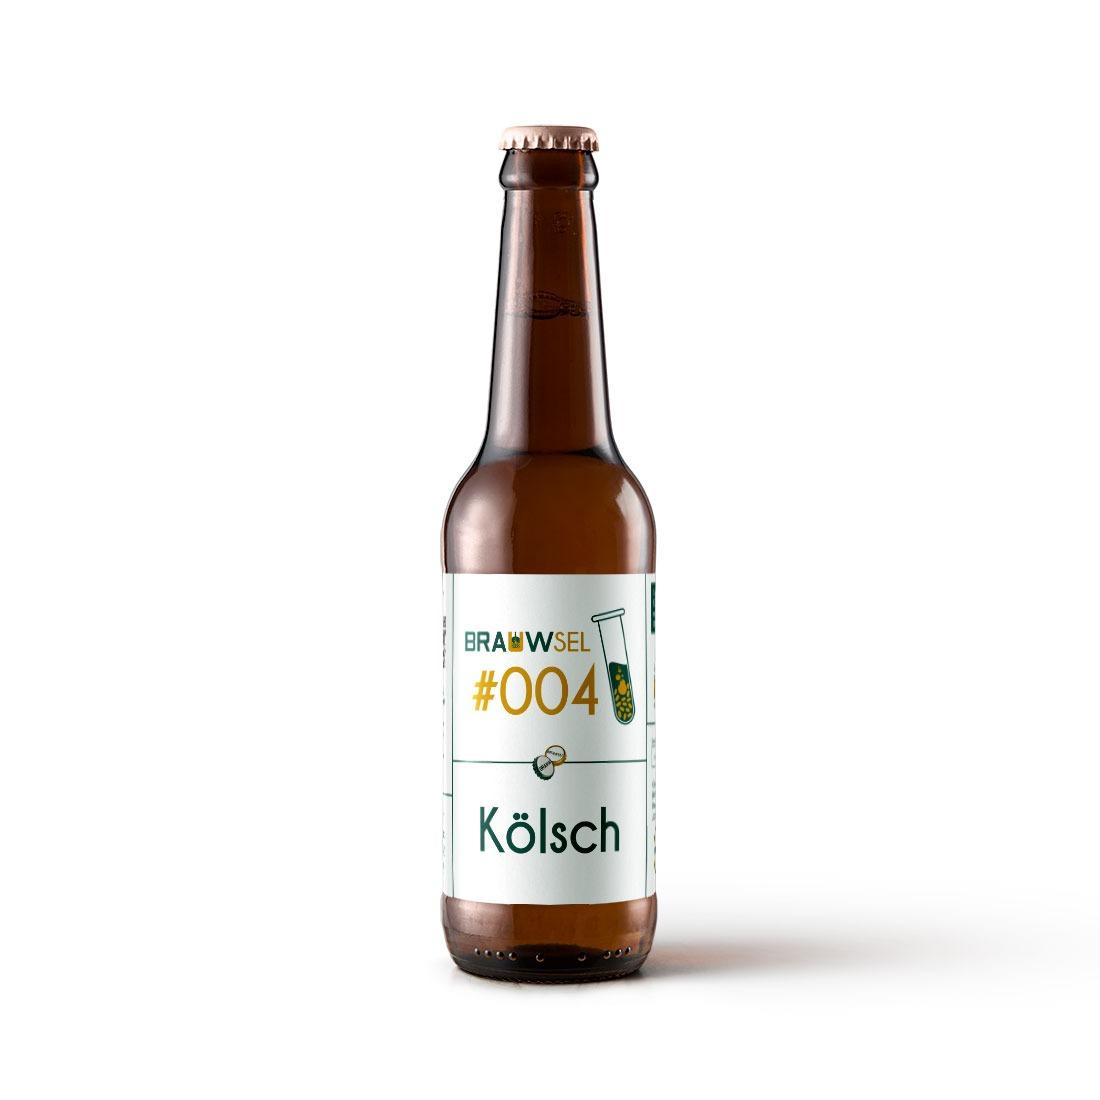 Brauwsel 004 Kolsch